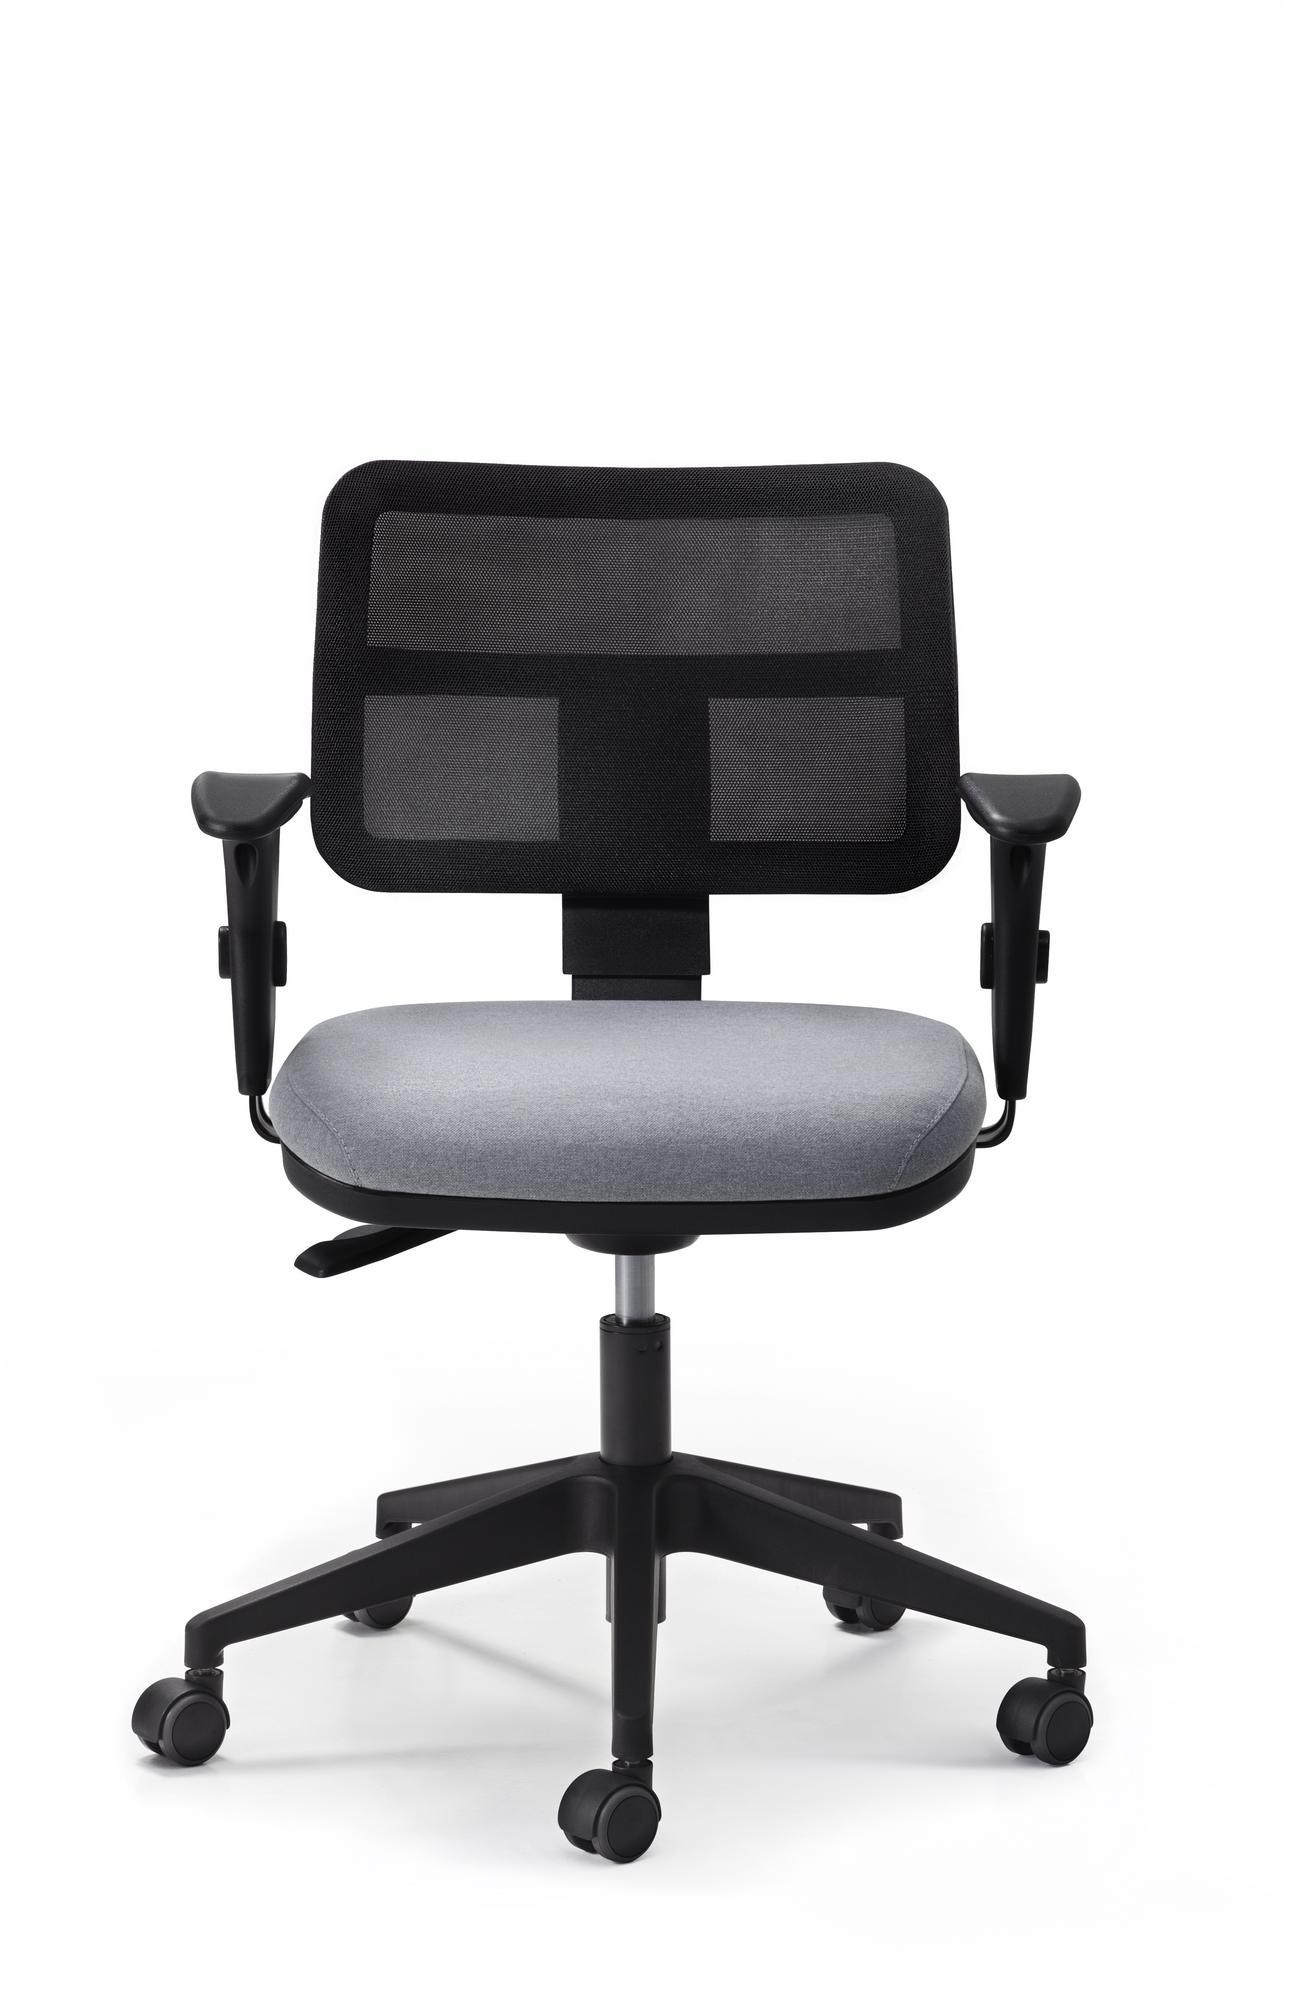 Cadeira Zip Tela Giratória Ergonômica Base Nylon